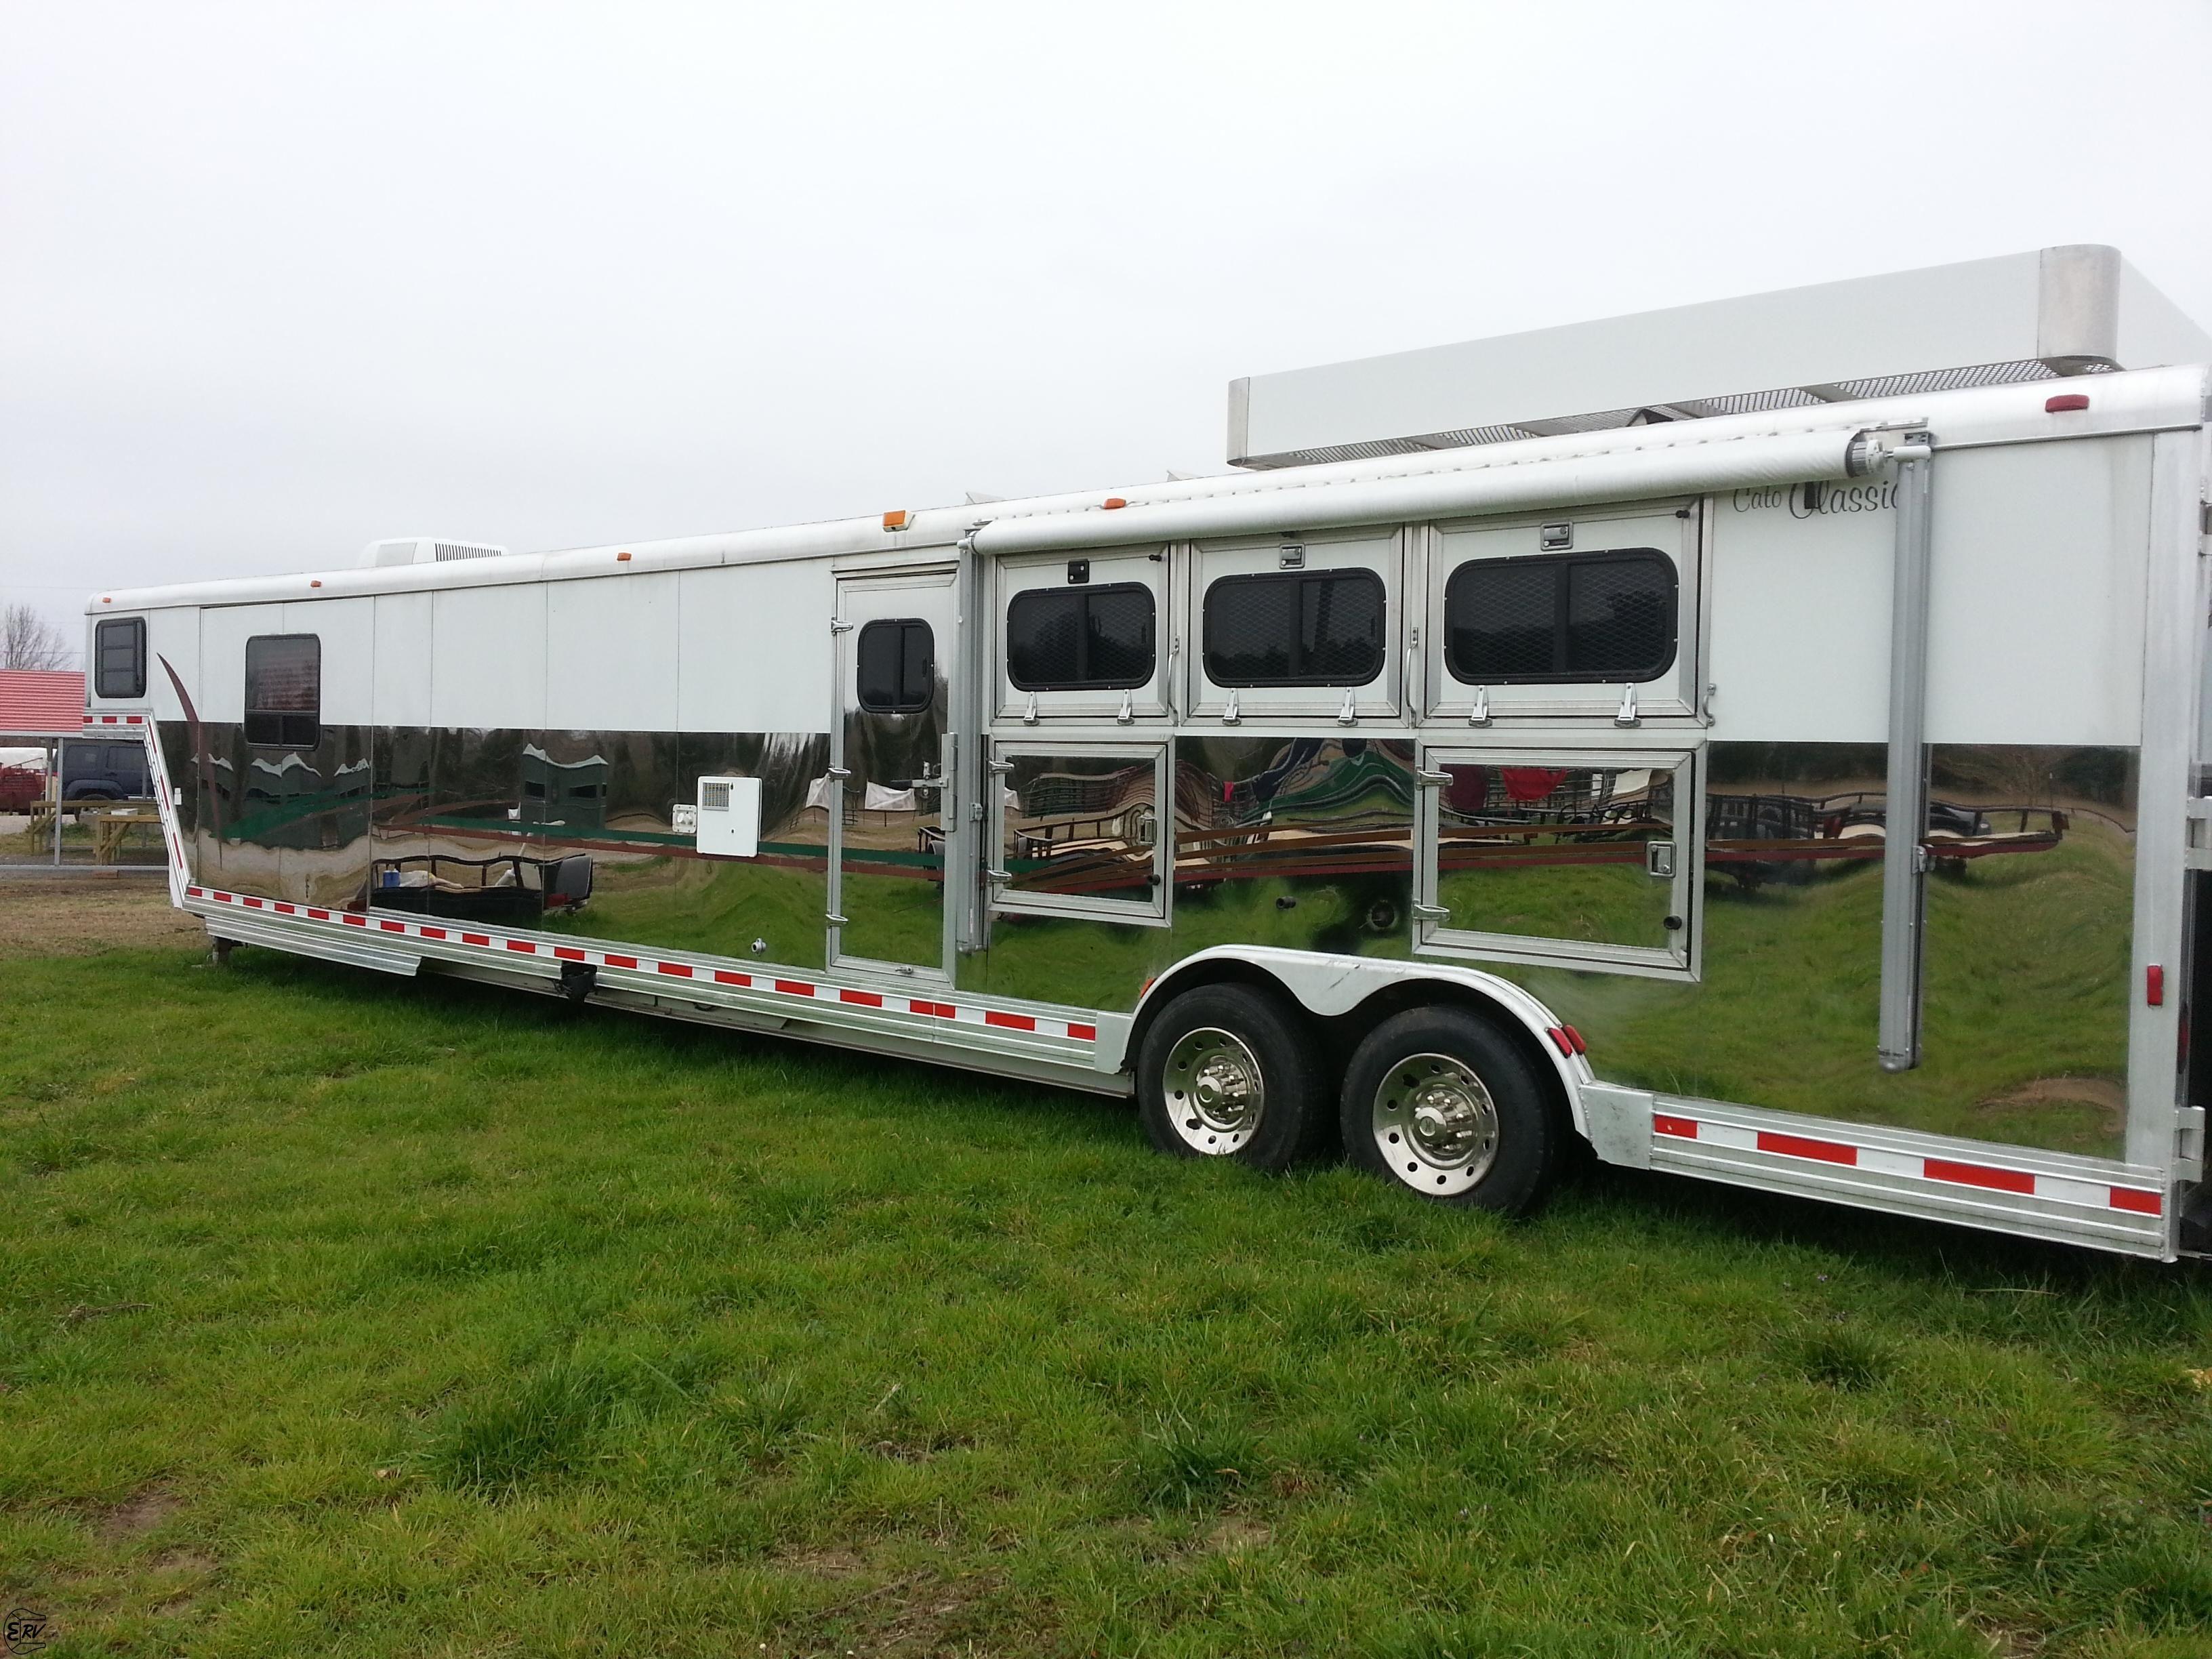 2004 cato classic 4 horse living quarter horse trailer